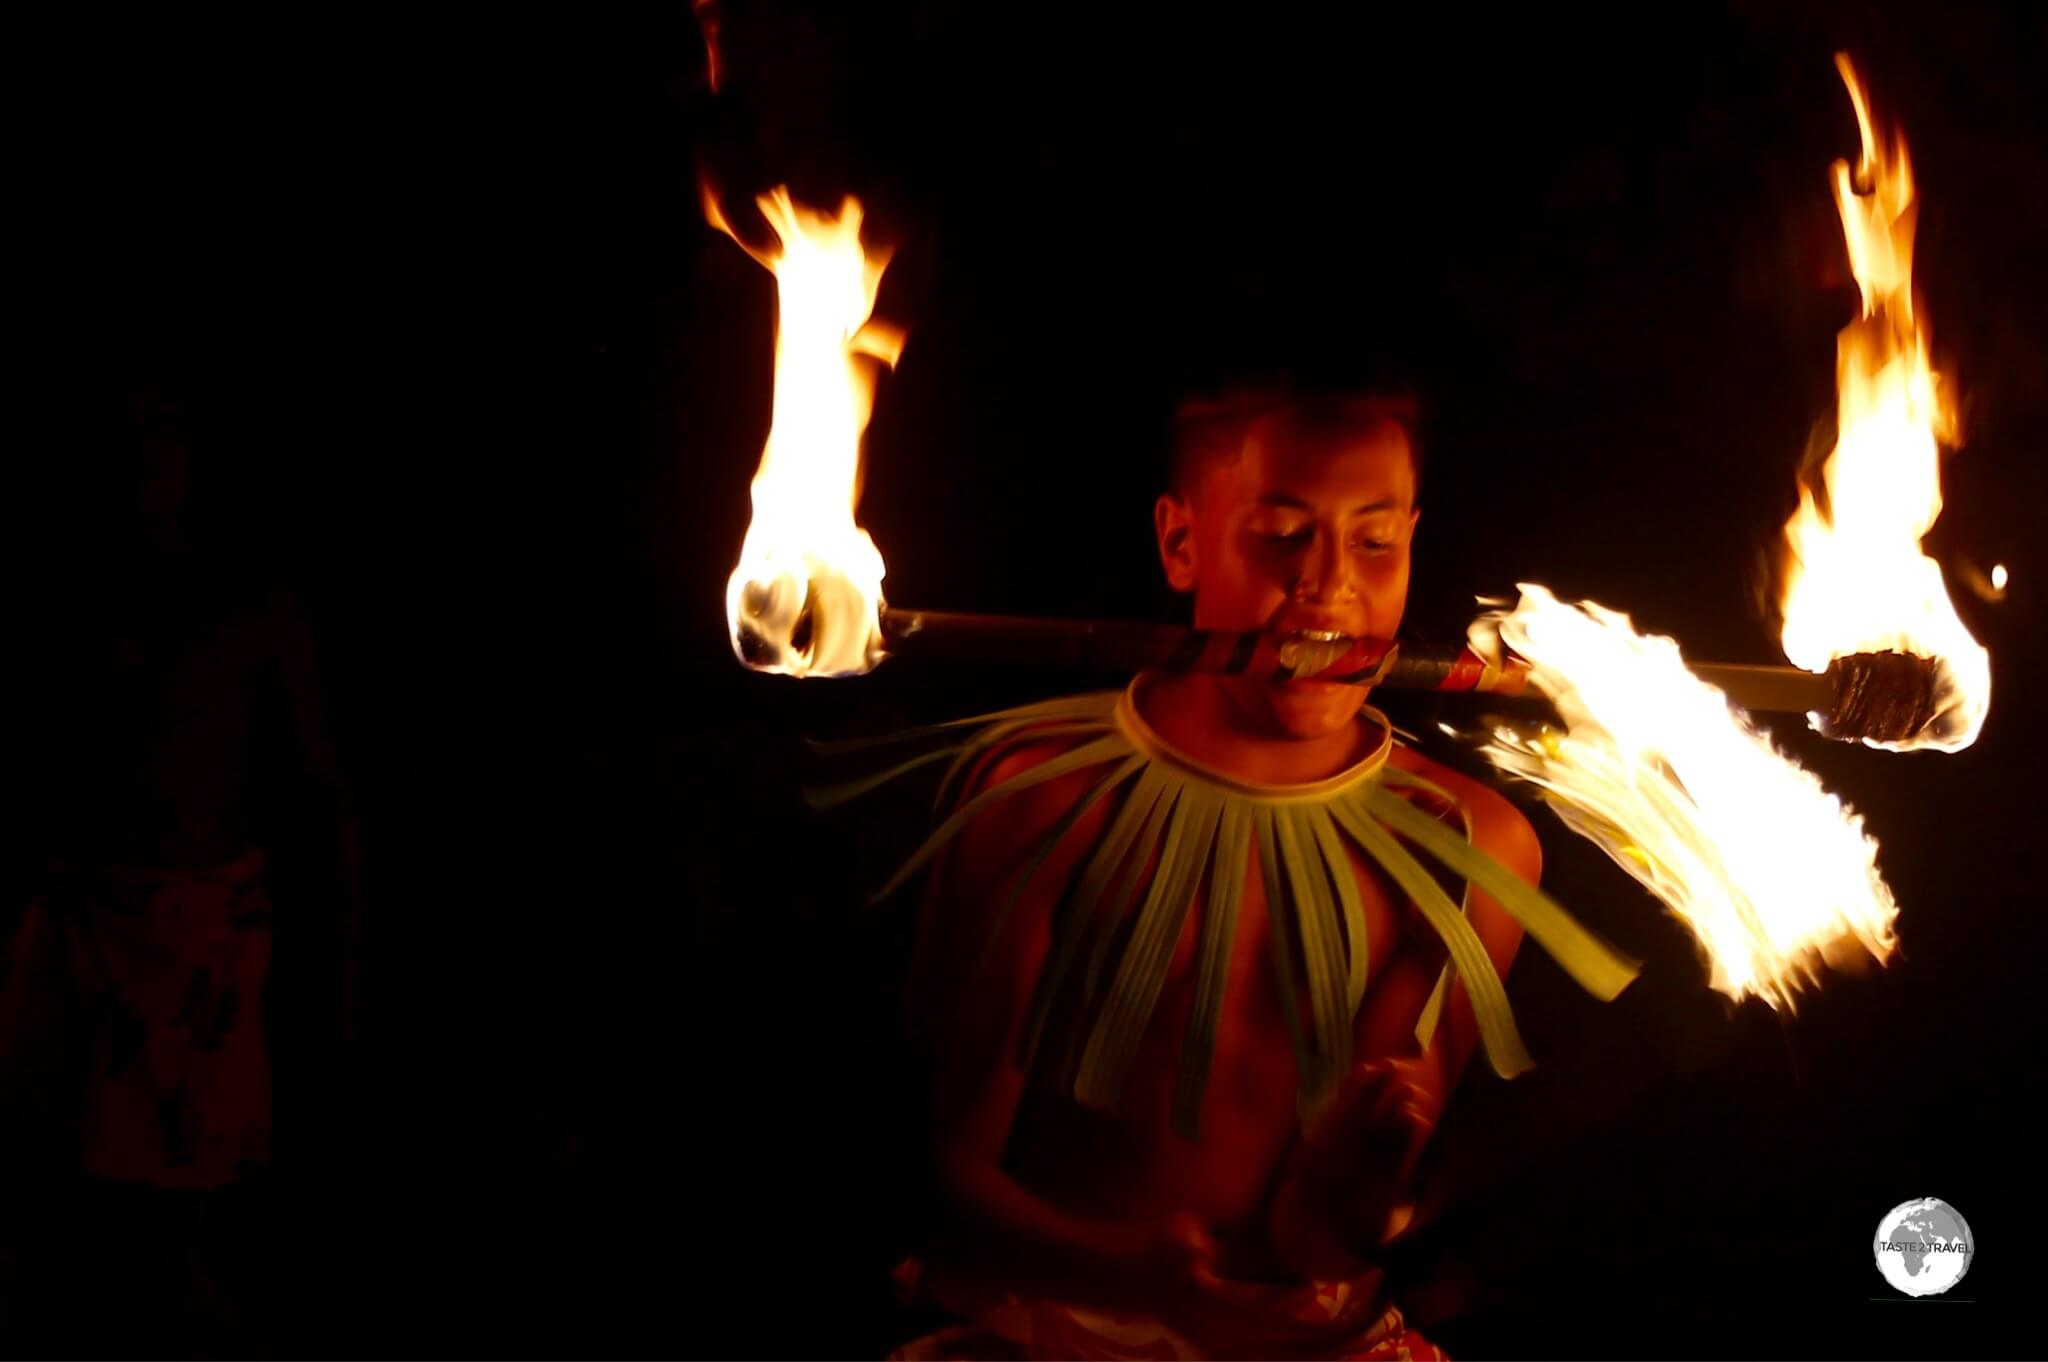 Fire dancing at Hina Cave.